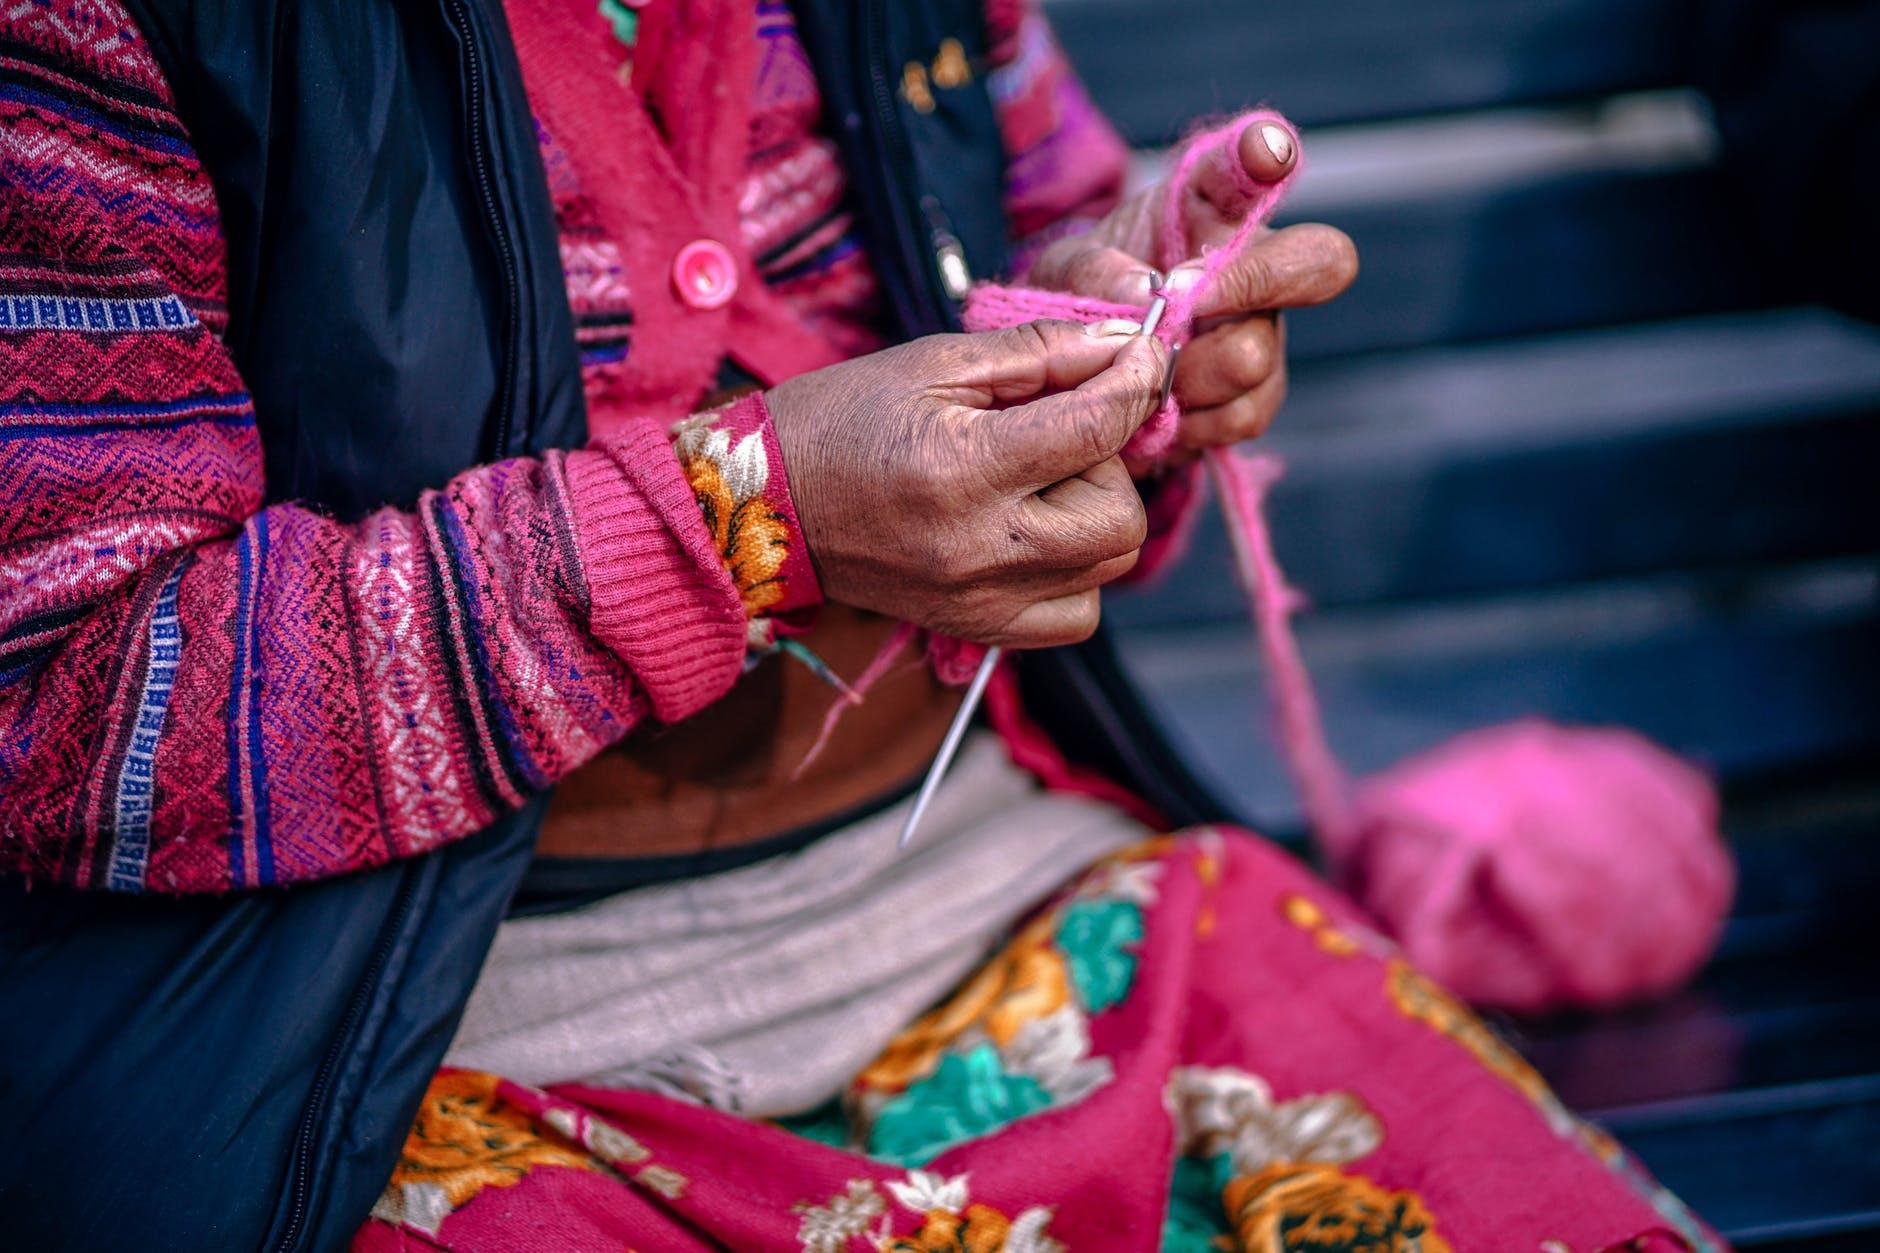 出口额大幅下滑、邻邦竞争力提升,印度针纺之都 Tirupur 亟待丰富产品等多项改革